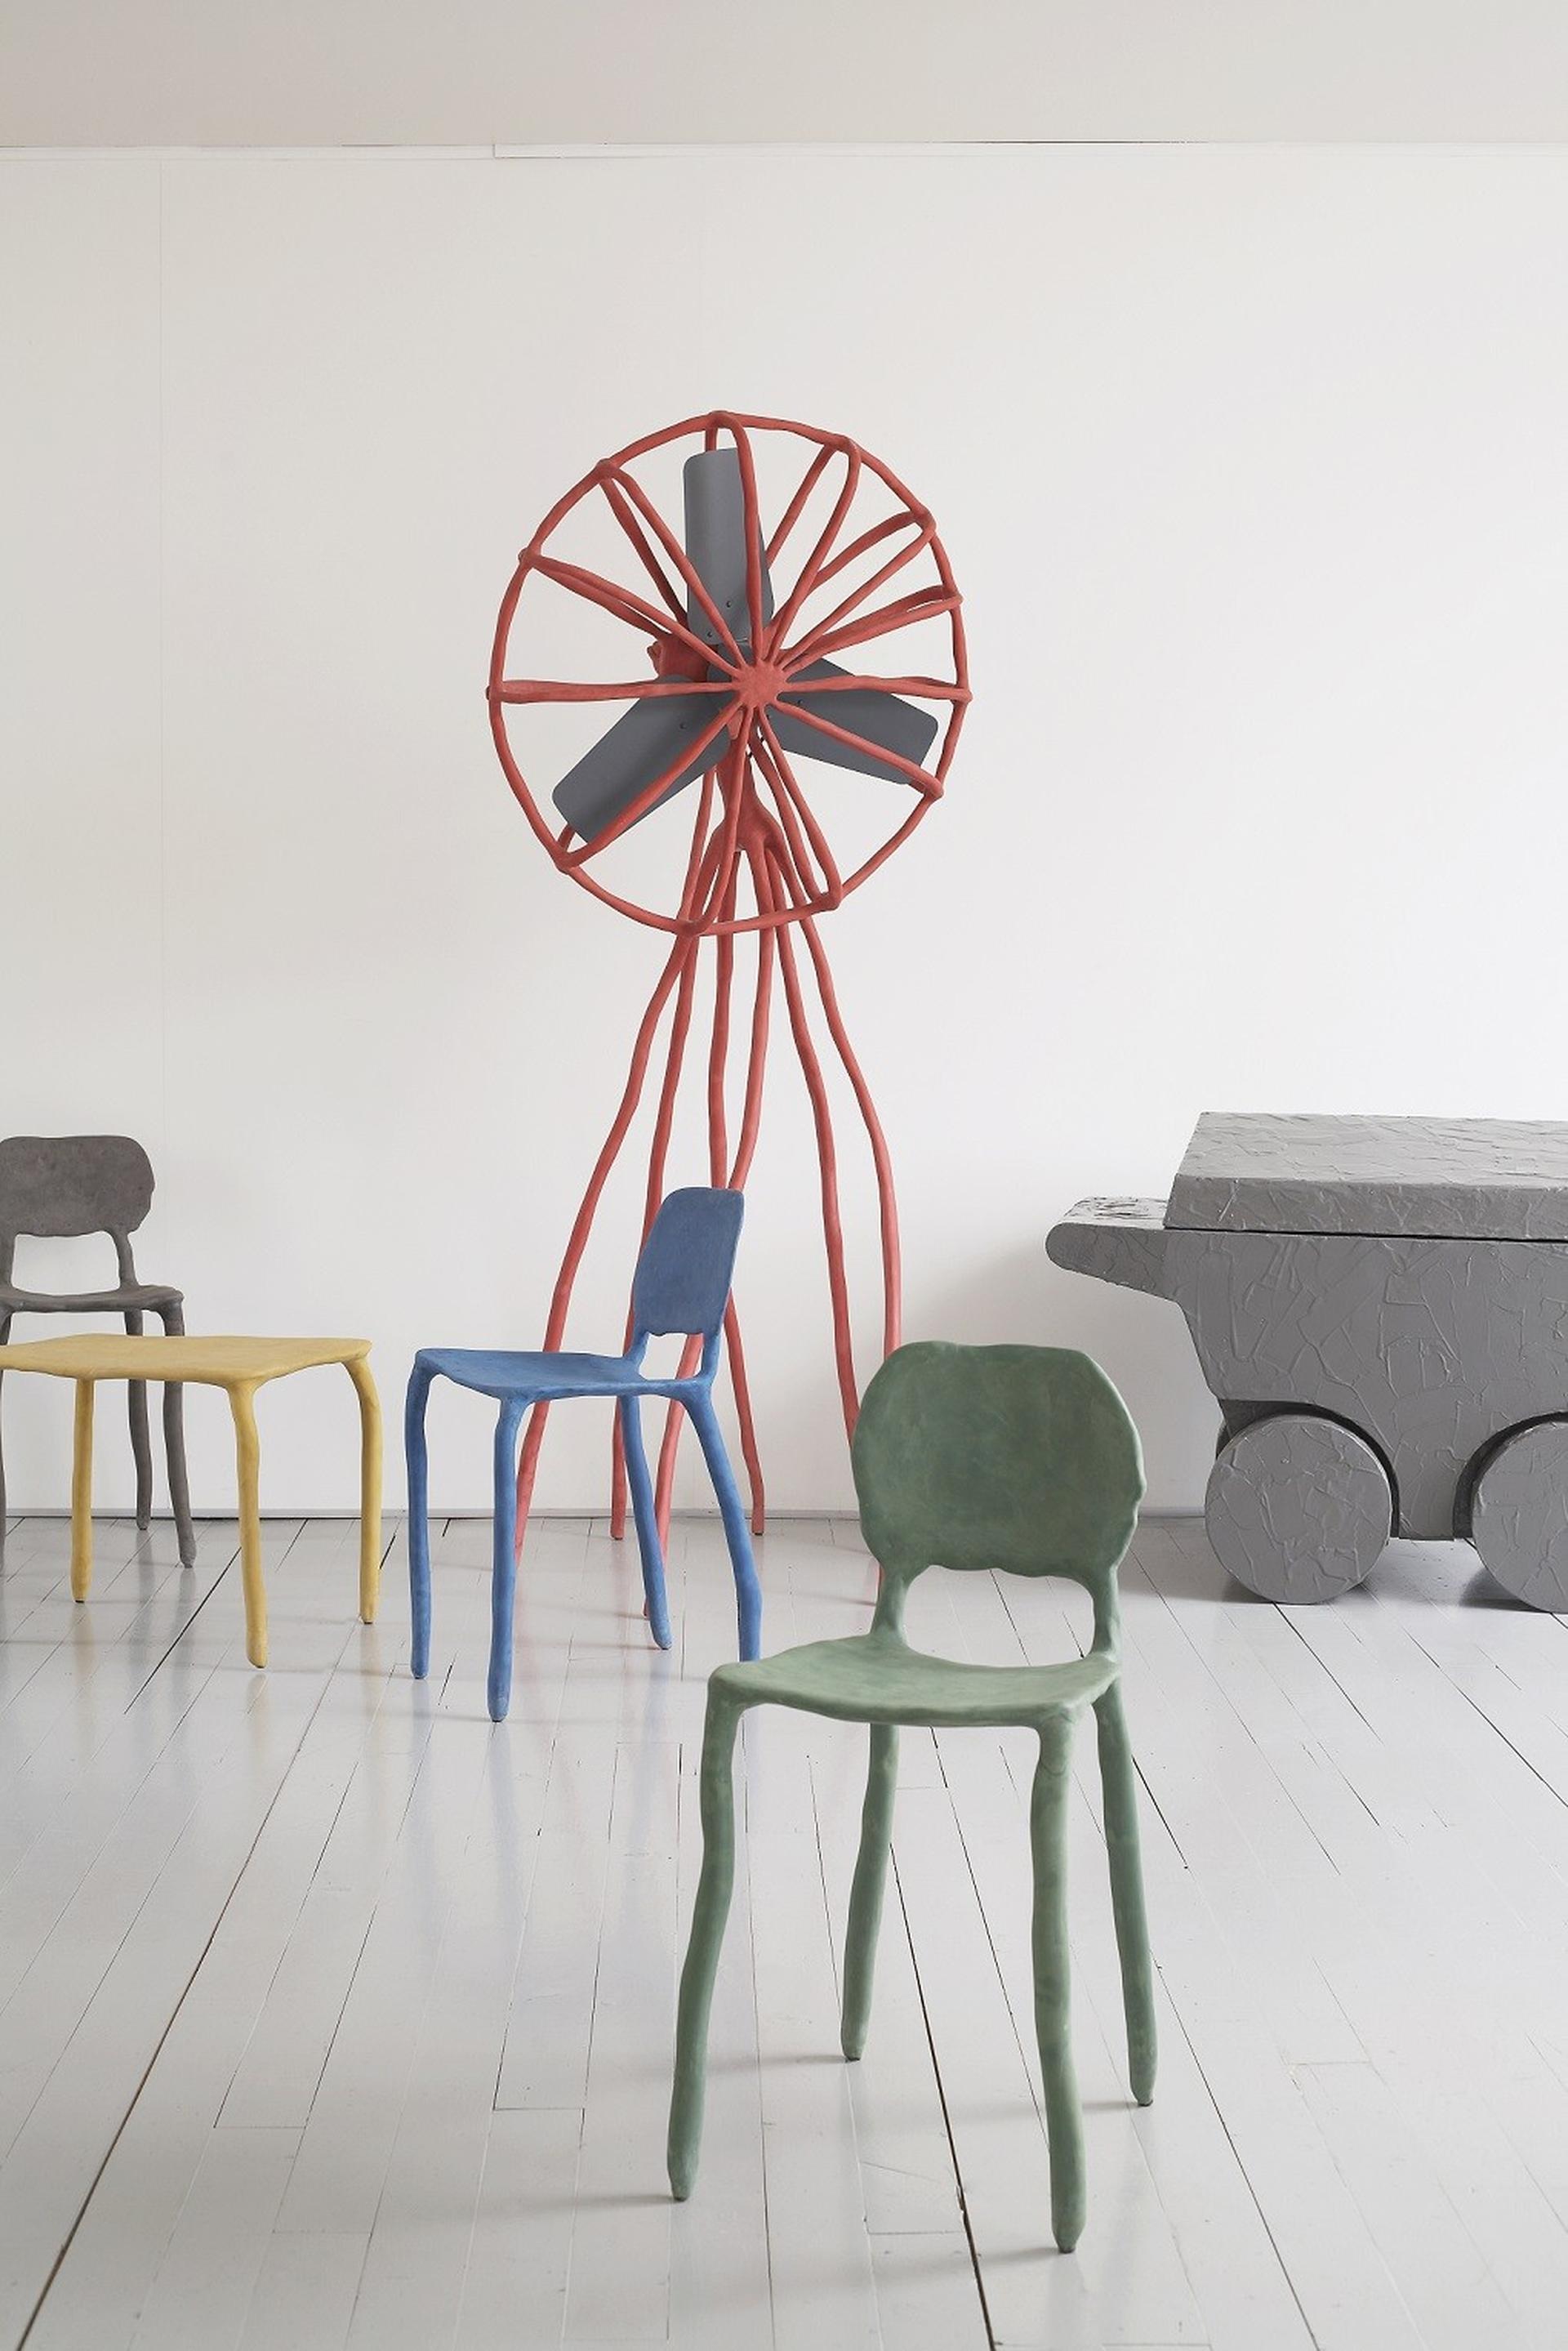 כיסא חמר, שולחן קפה ומאוורר, 2010, מרטן באס, אוסף אדלקורט, פריז, צרפת. צילום: תומאס שטראוב